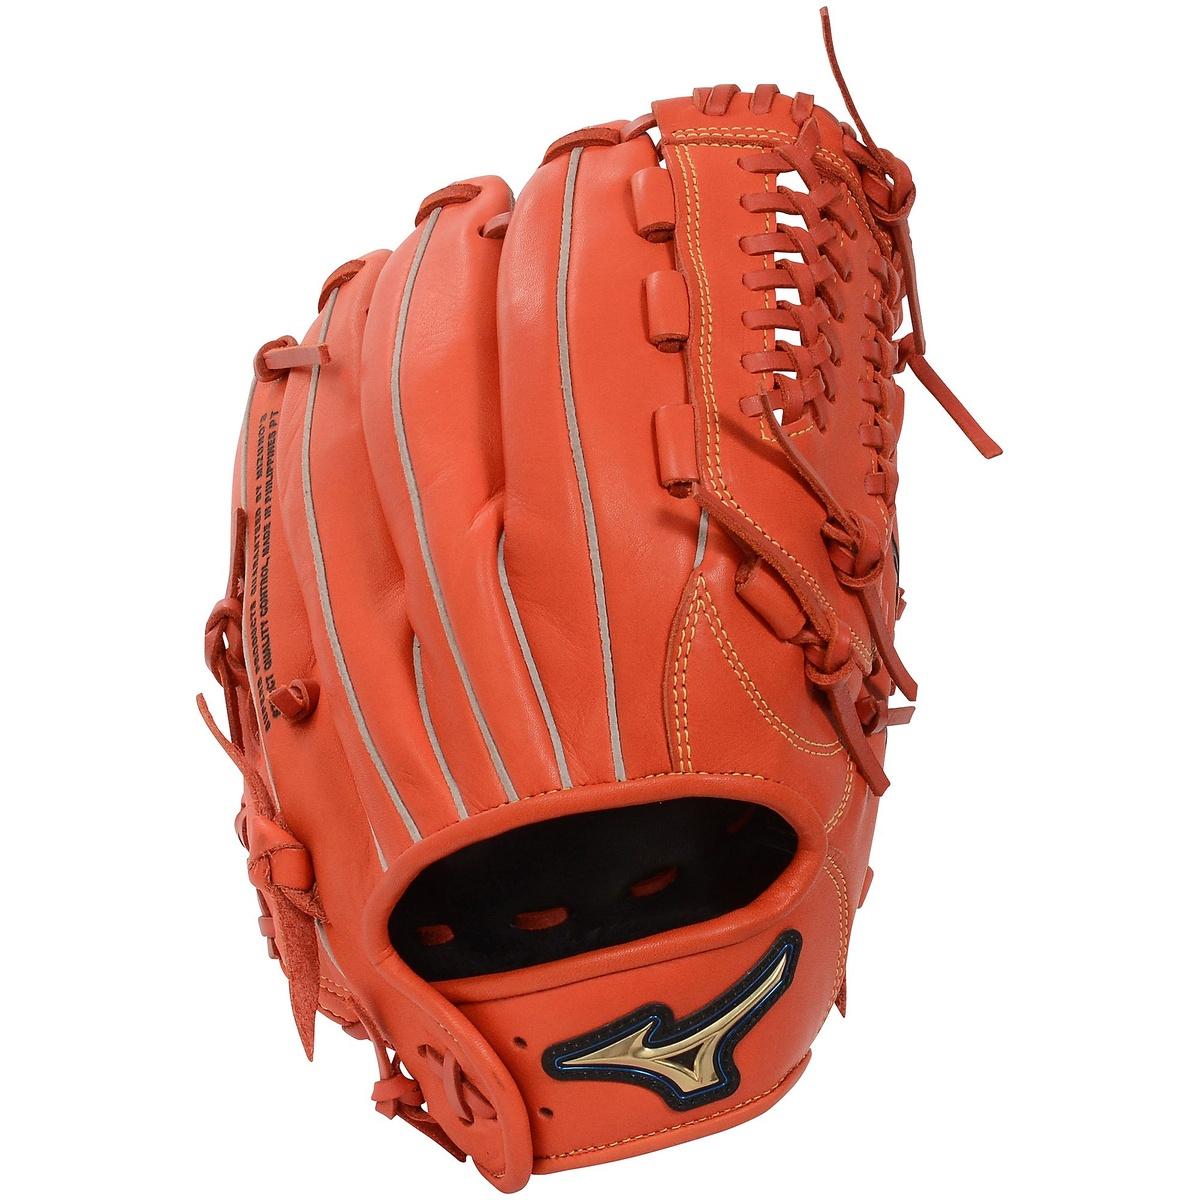 【送料無料】 MIZUNO (ミズノ) 野球 ソフトボールグローブ一般 ソフトボールNB セレクト9 メンズ スプレンディッドオレンジ 1AJGS20610 52